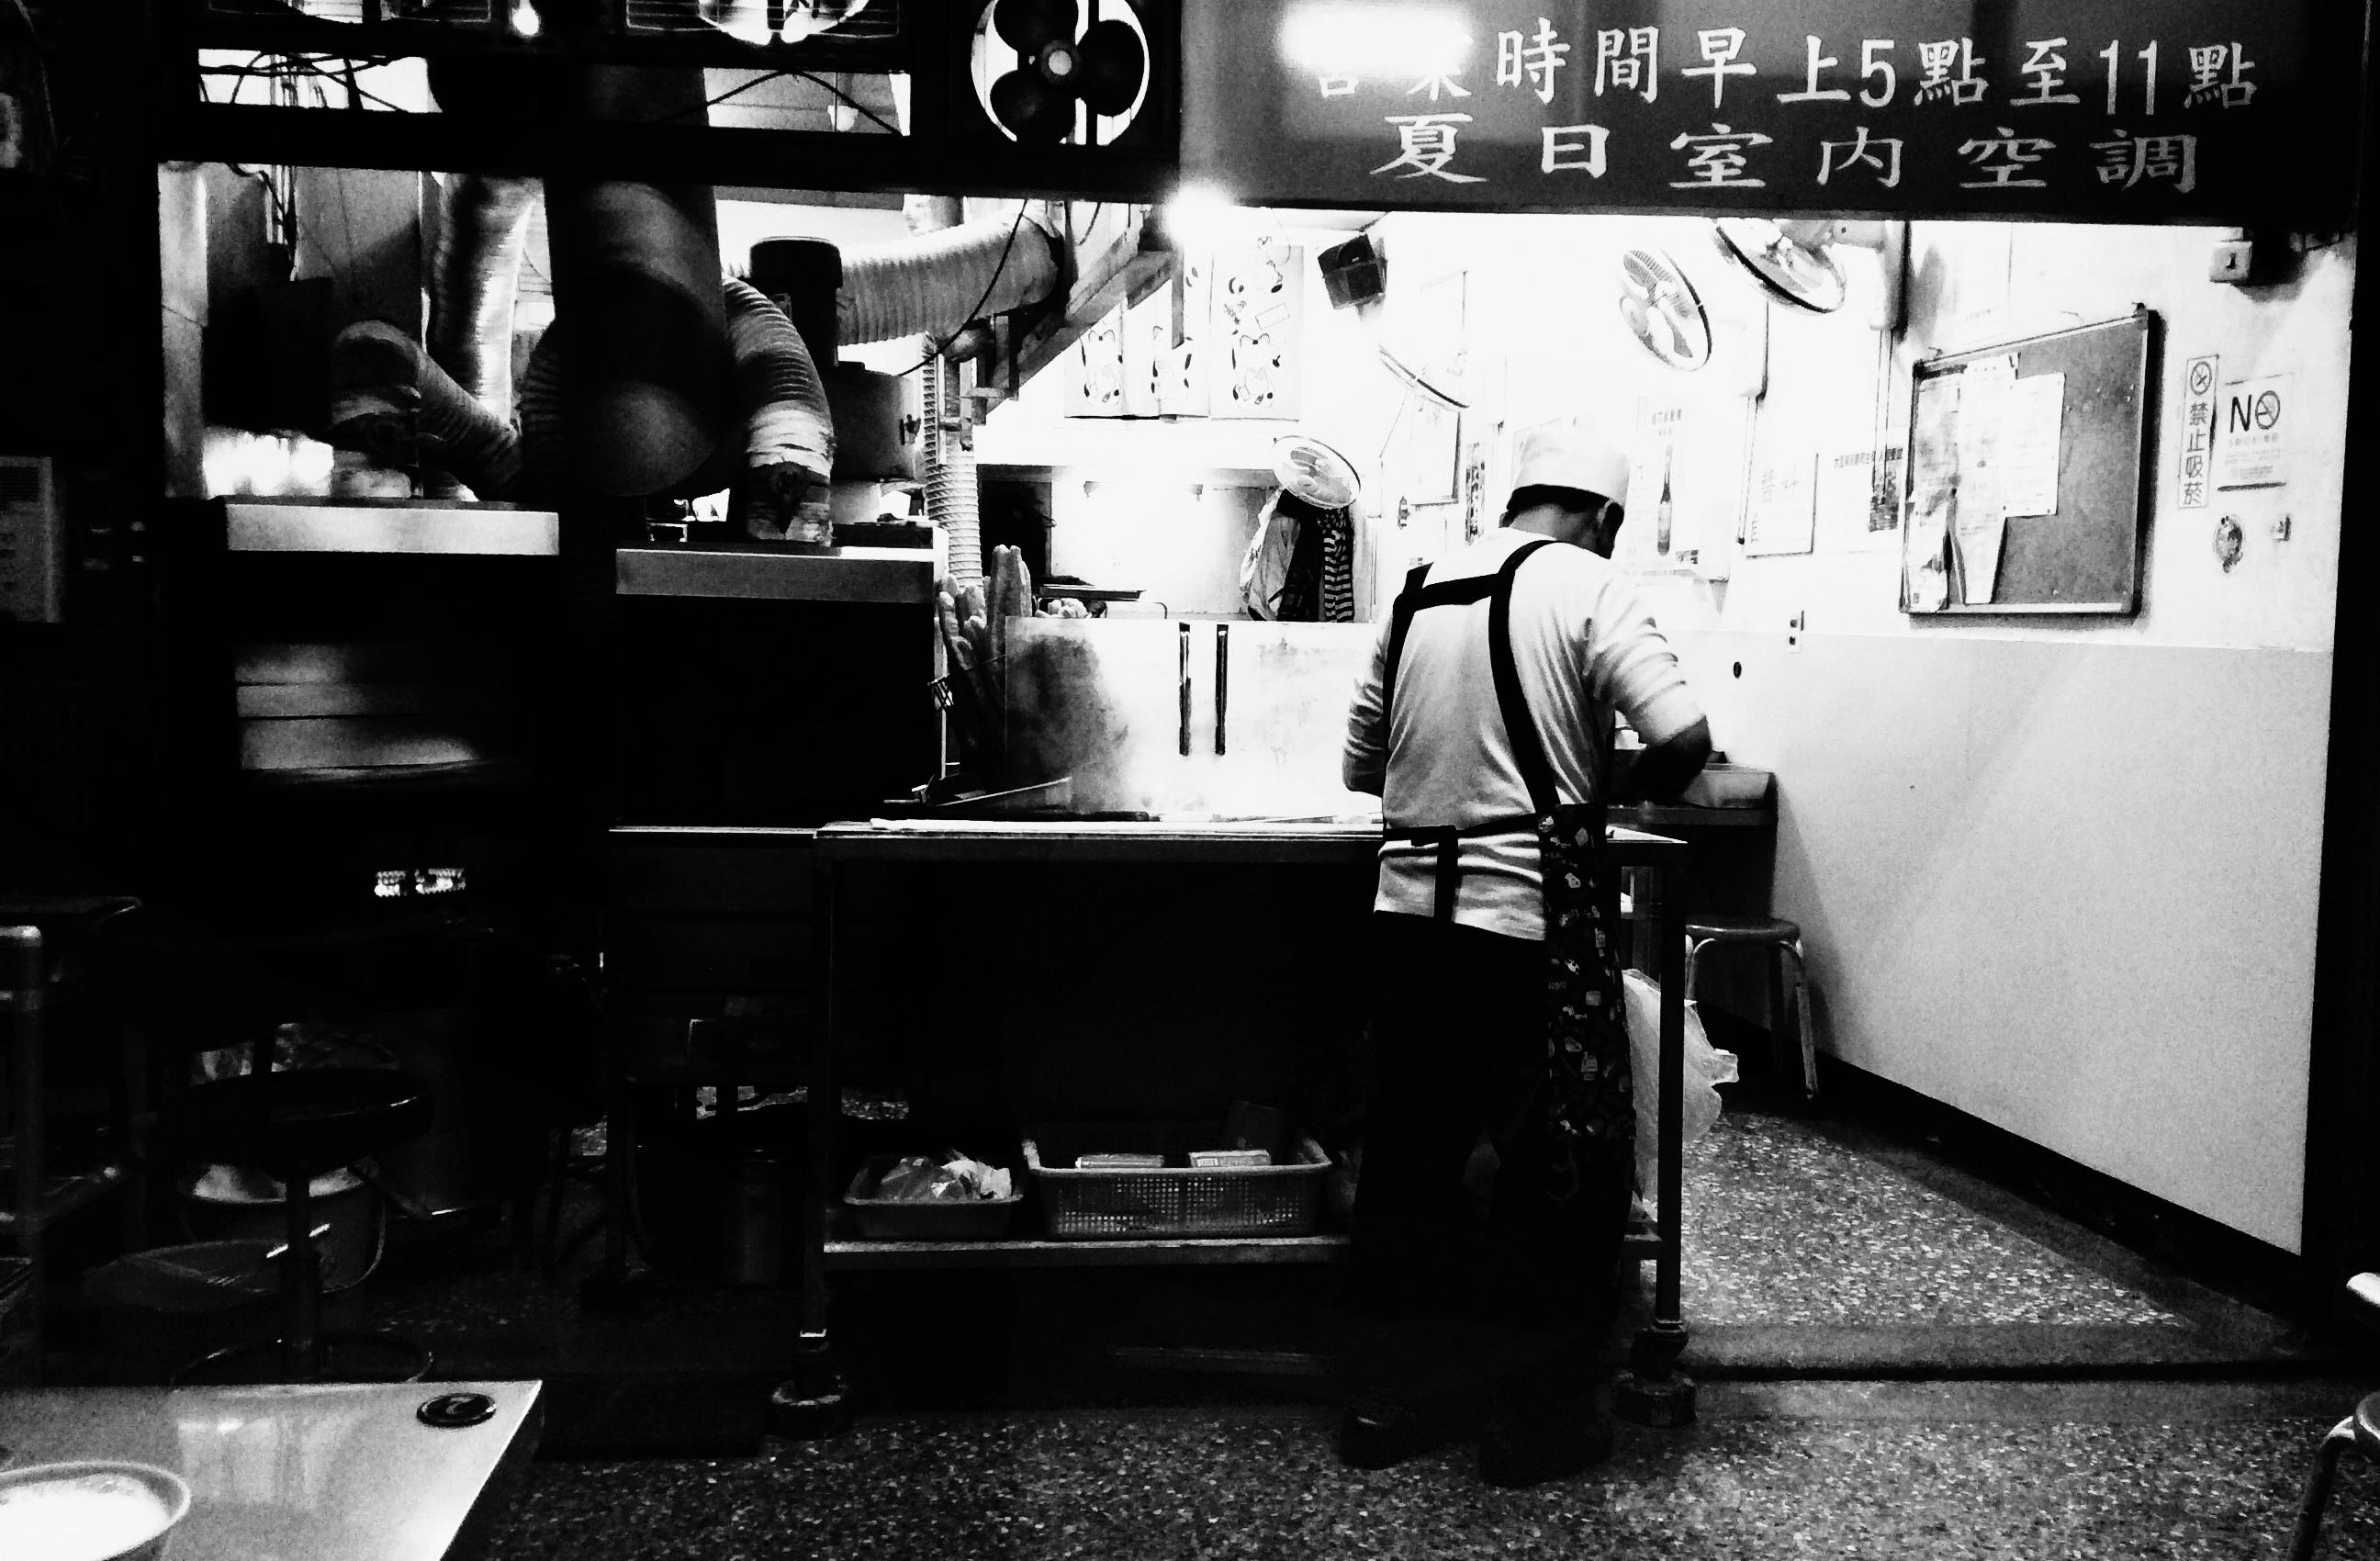 豆漿店老闆,《聲音地誌VII:北投》,圖版提供|劉致宏